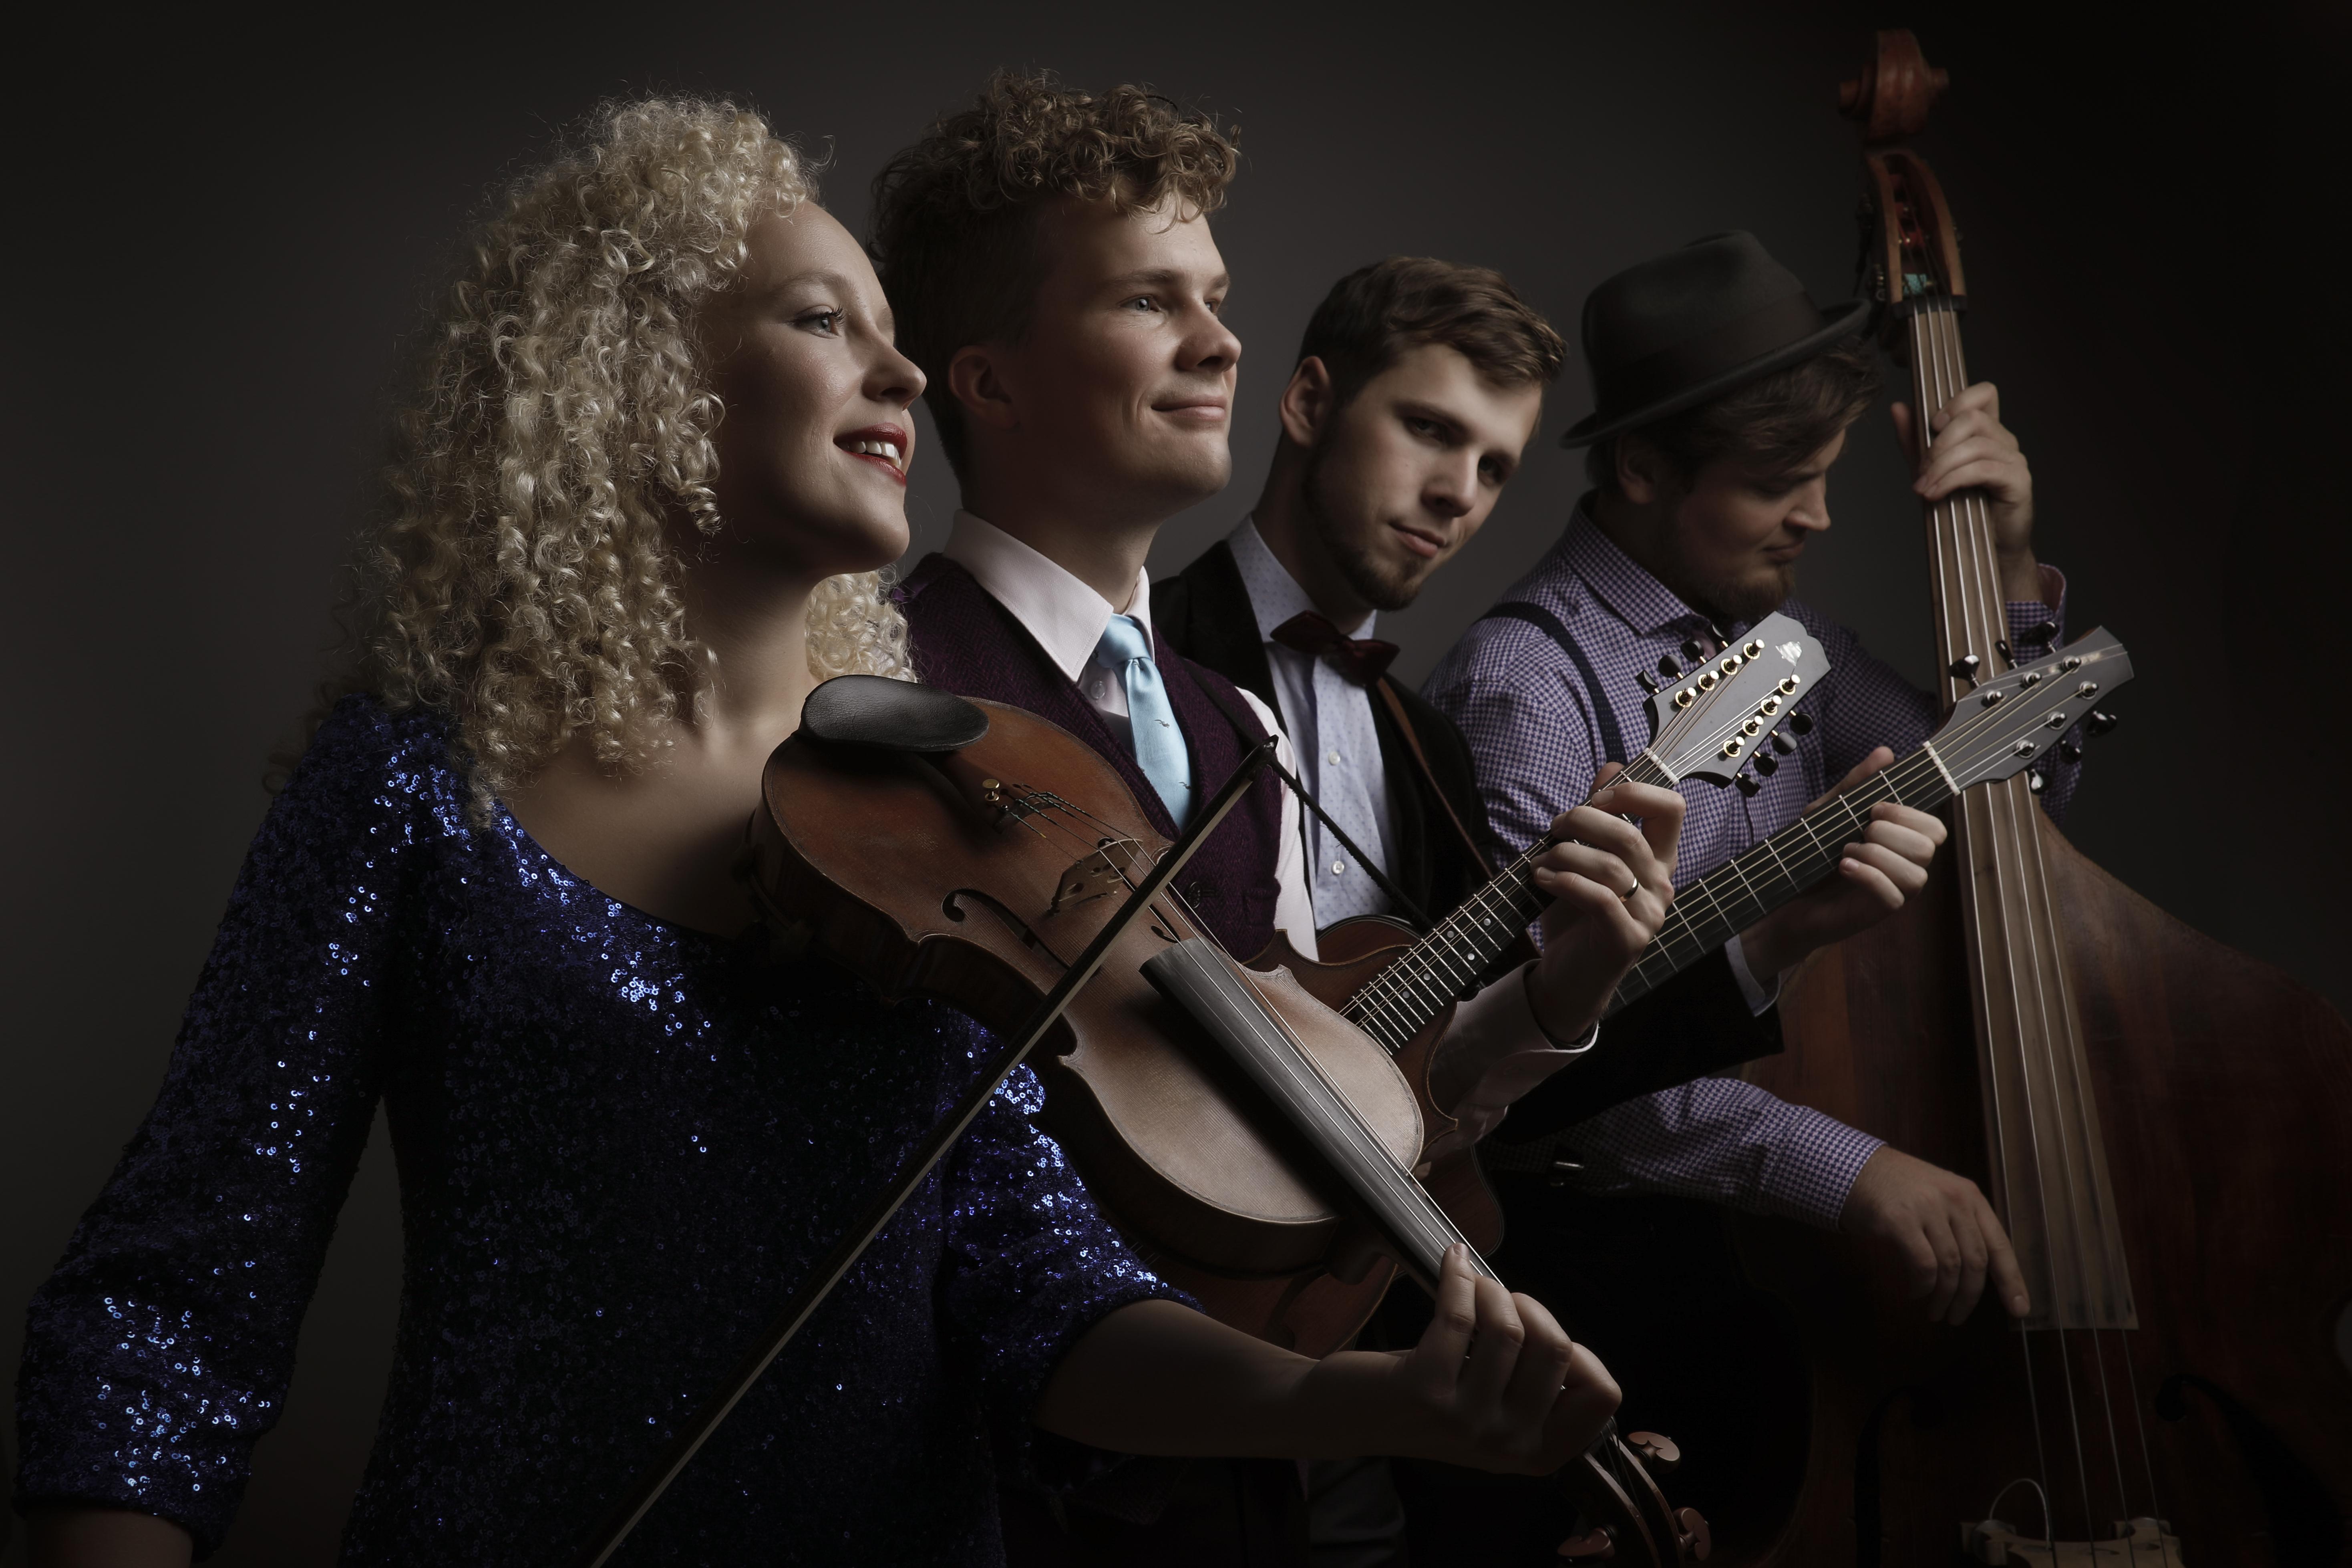 http://www.curlystrings.ee/wp-content/gallery/curly-strings/Kroot_Tarkmeel-CS2.jpg